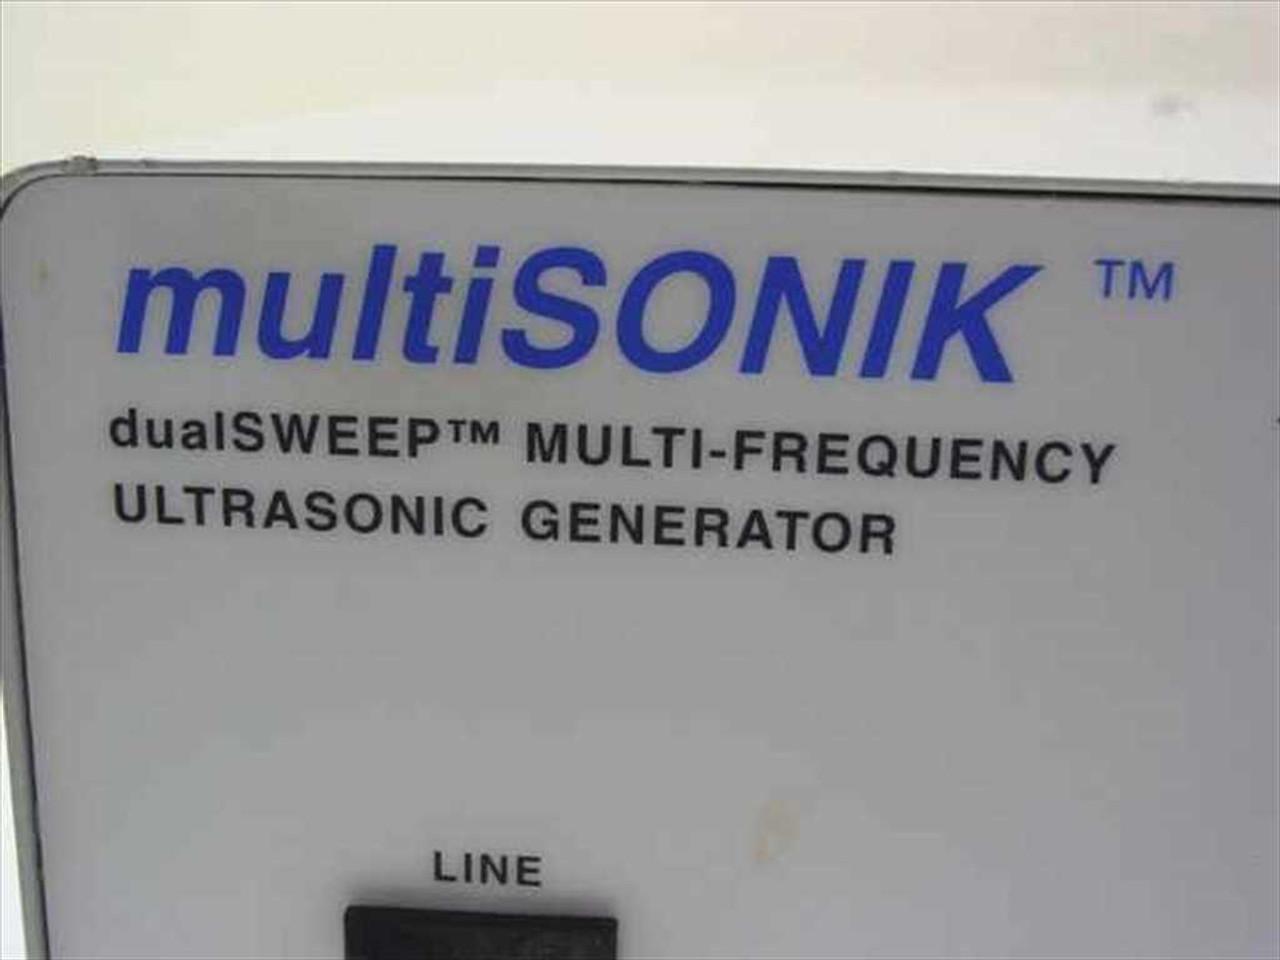 Blackstone-Ney Ultrasonics 40-72-104-MSG Multisonik DualSweep Ultrasonic  Generator